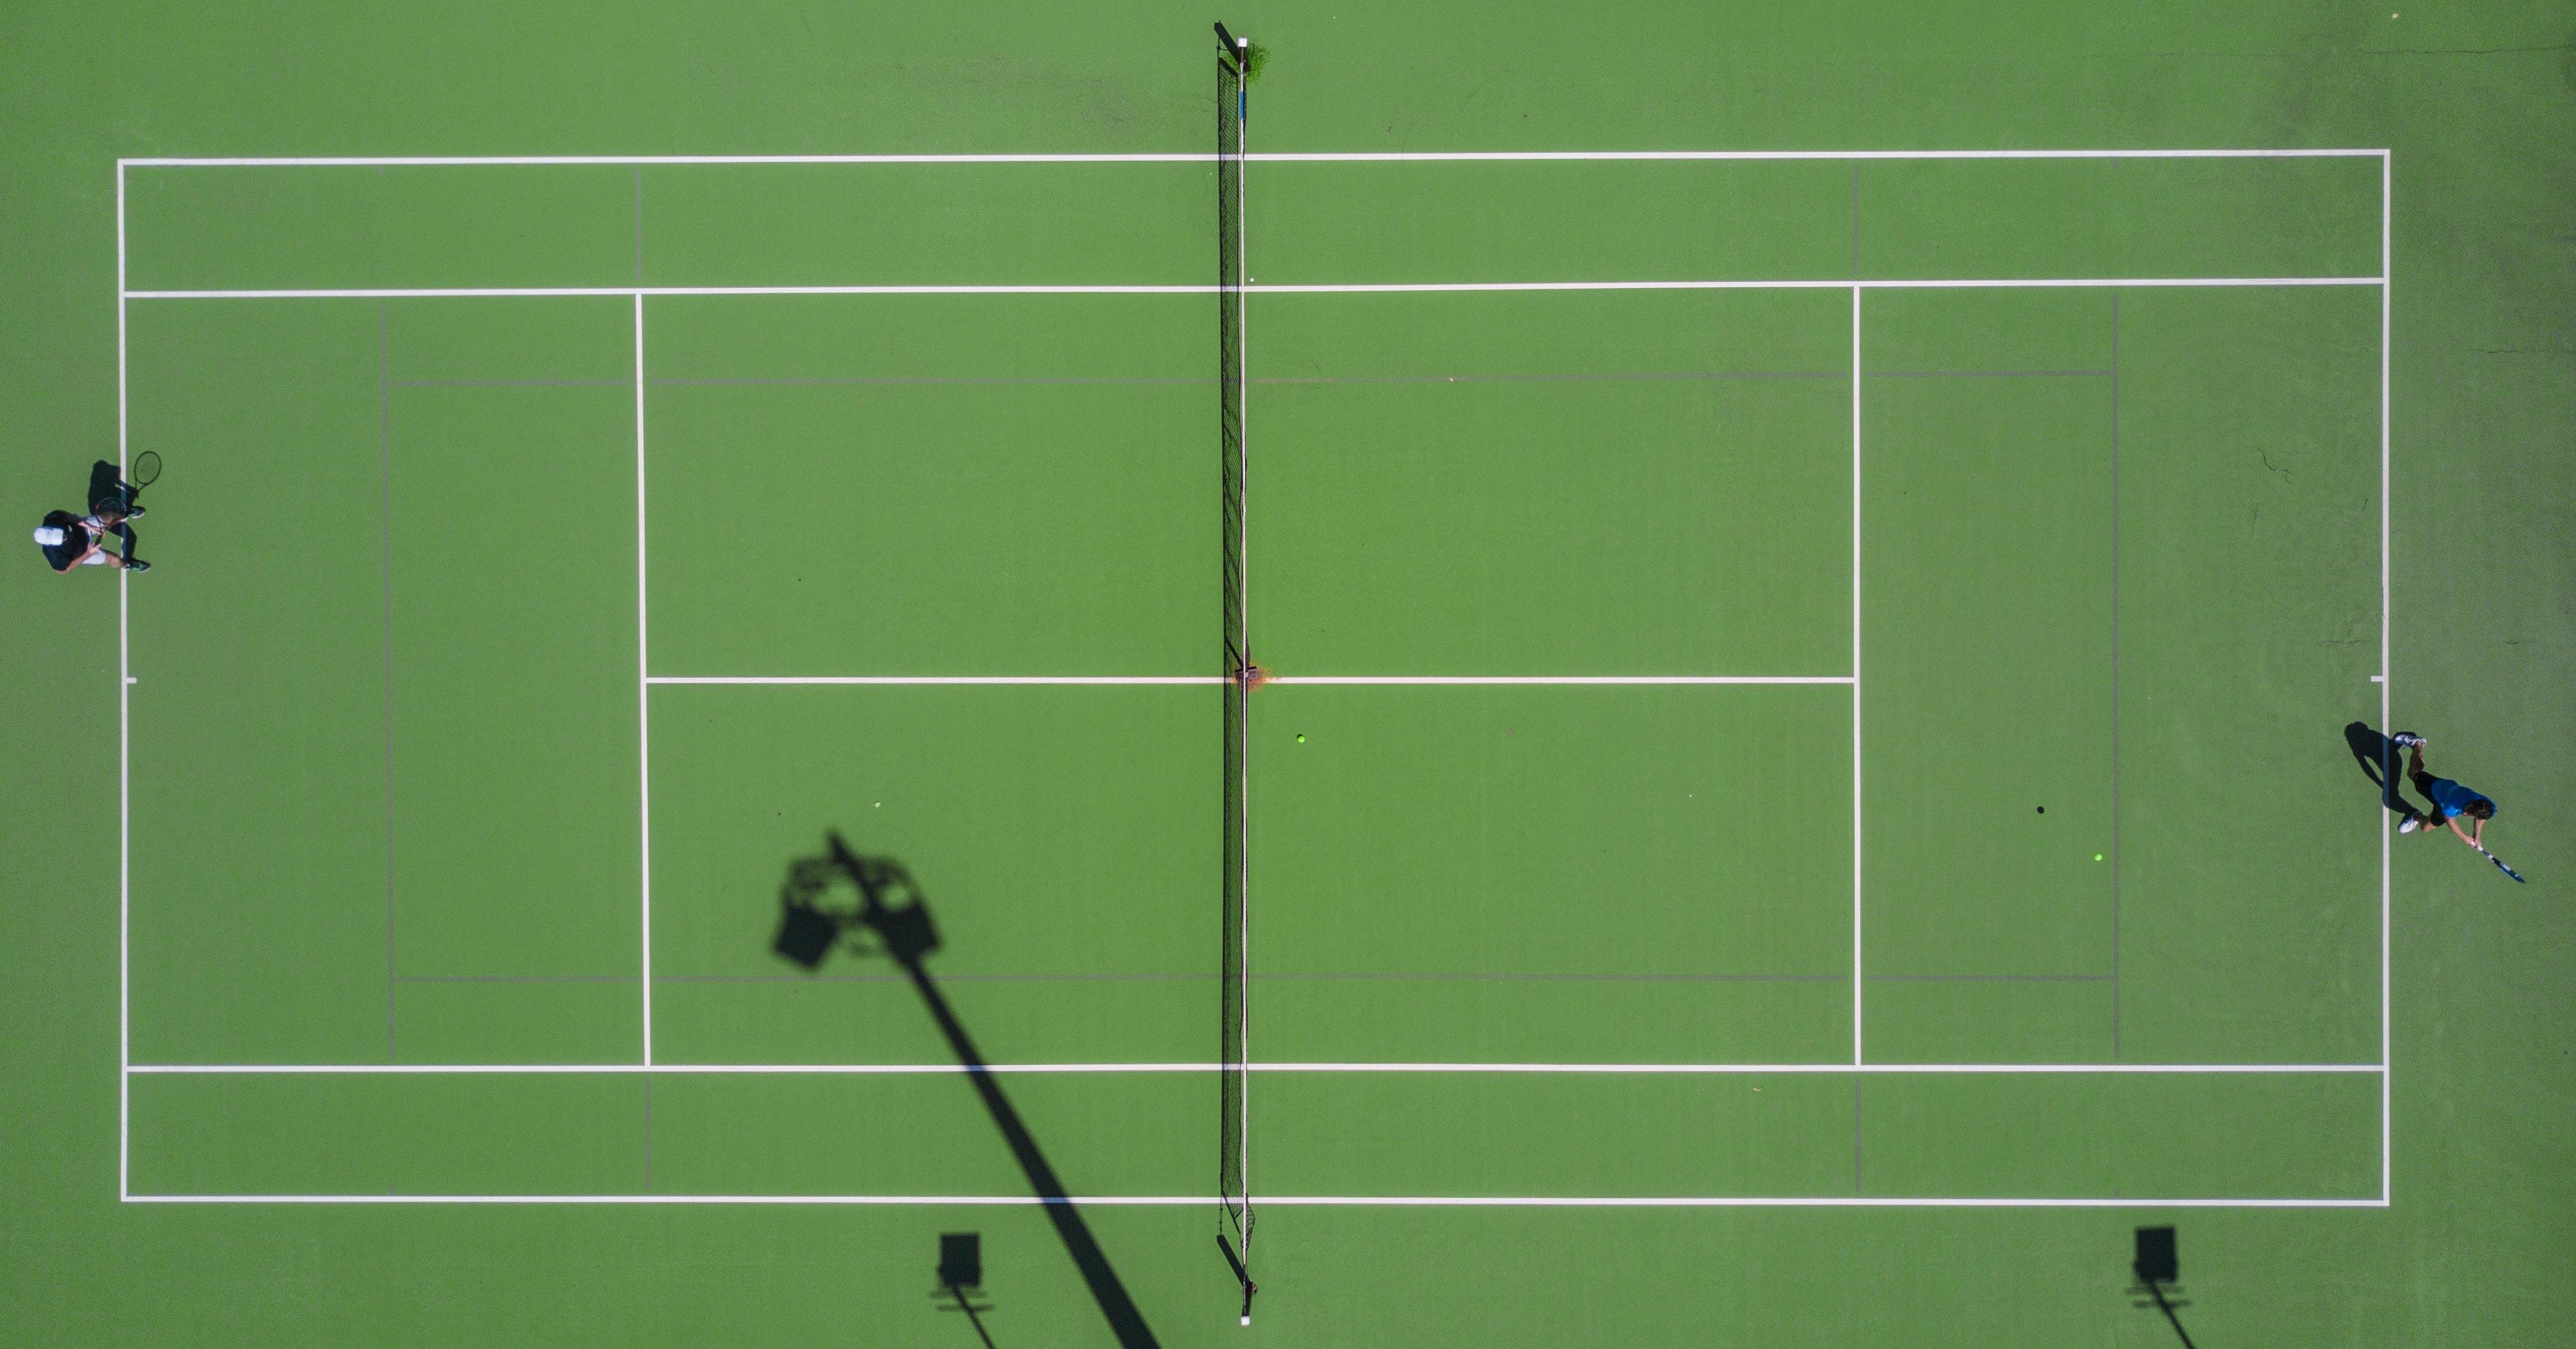 Tenisz mérkőzés